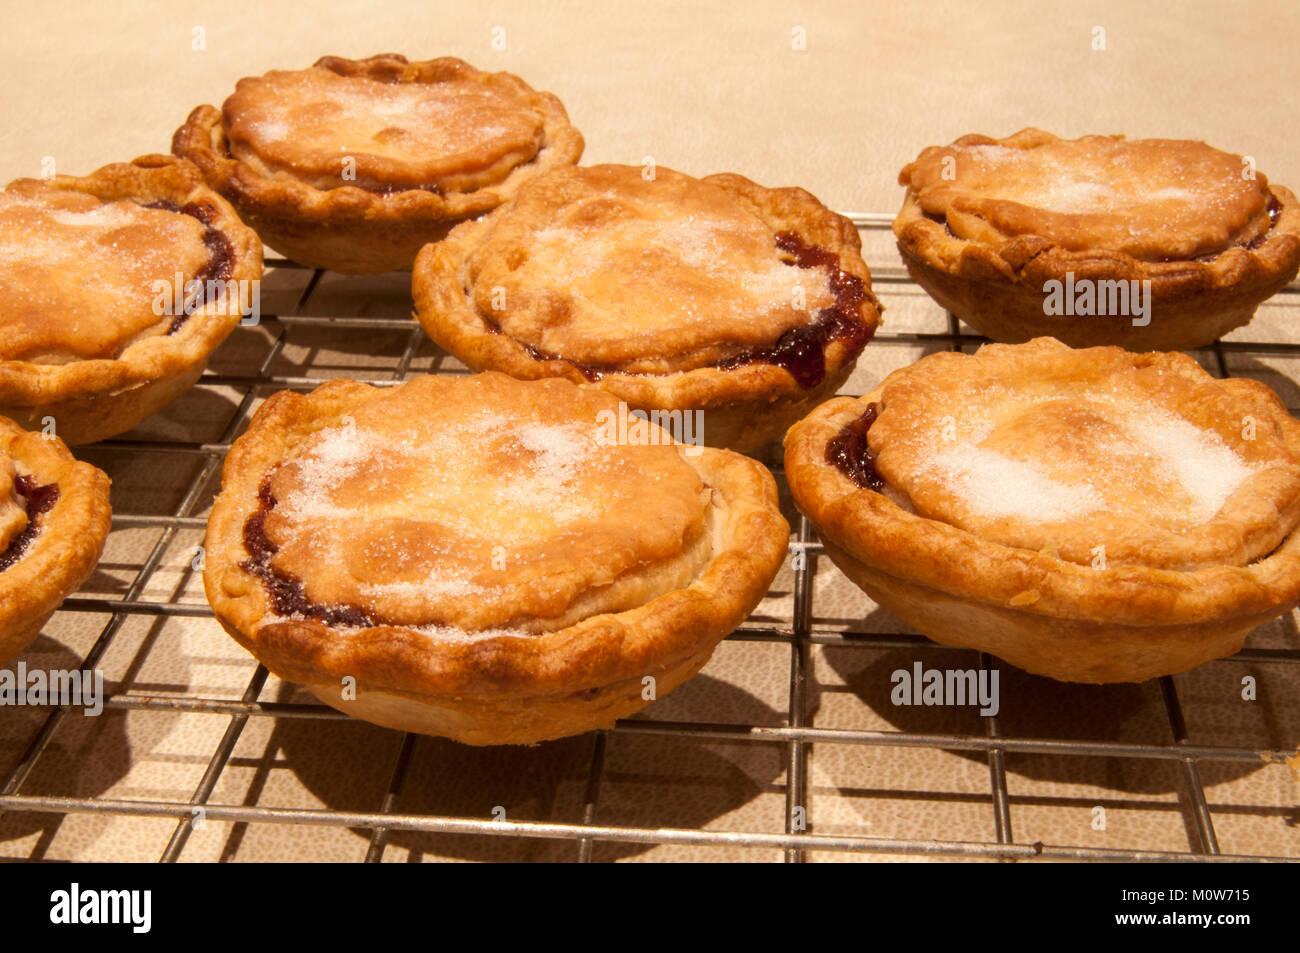 Frisch zubereitete hausgemachte Torten Gehacktes, heiß aus dem Ofen ...